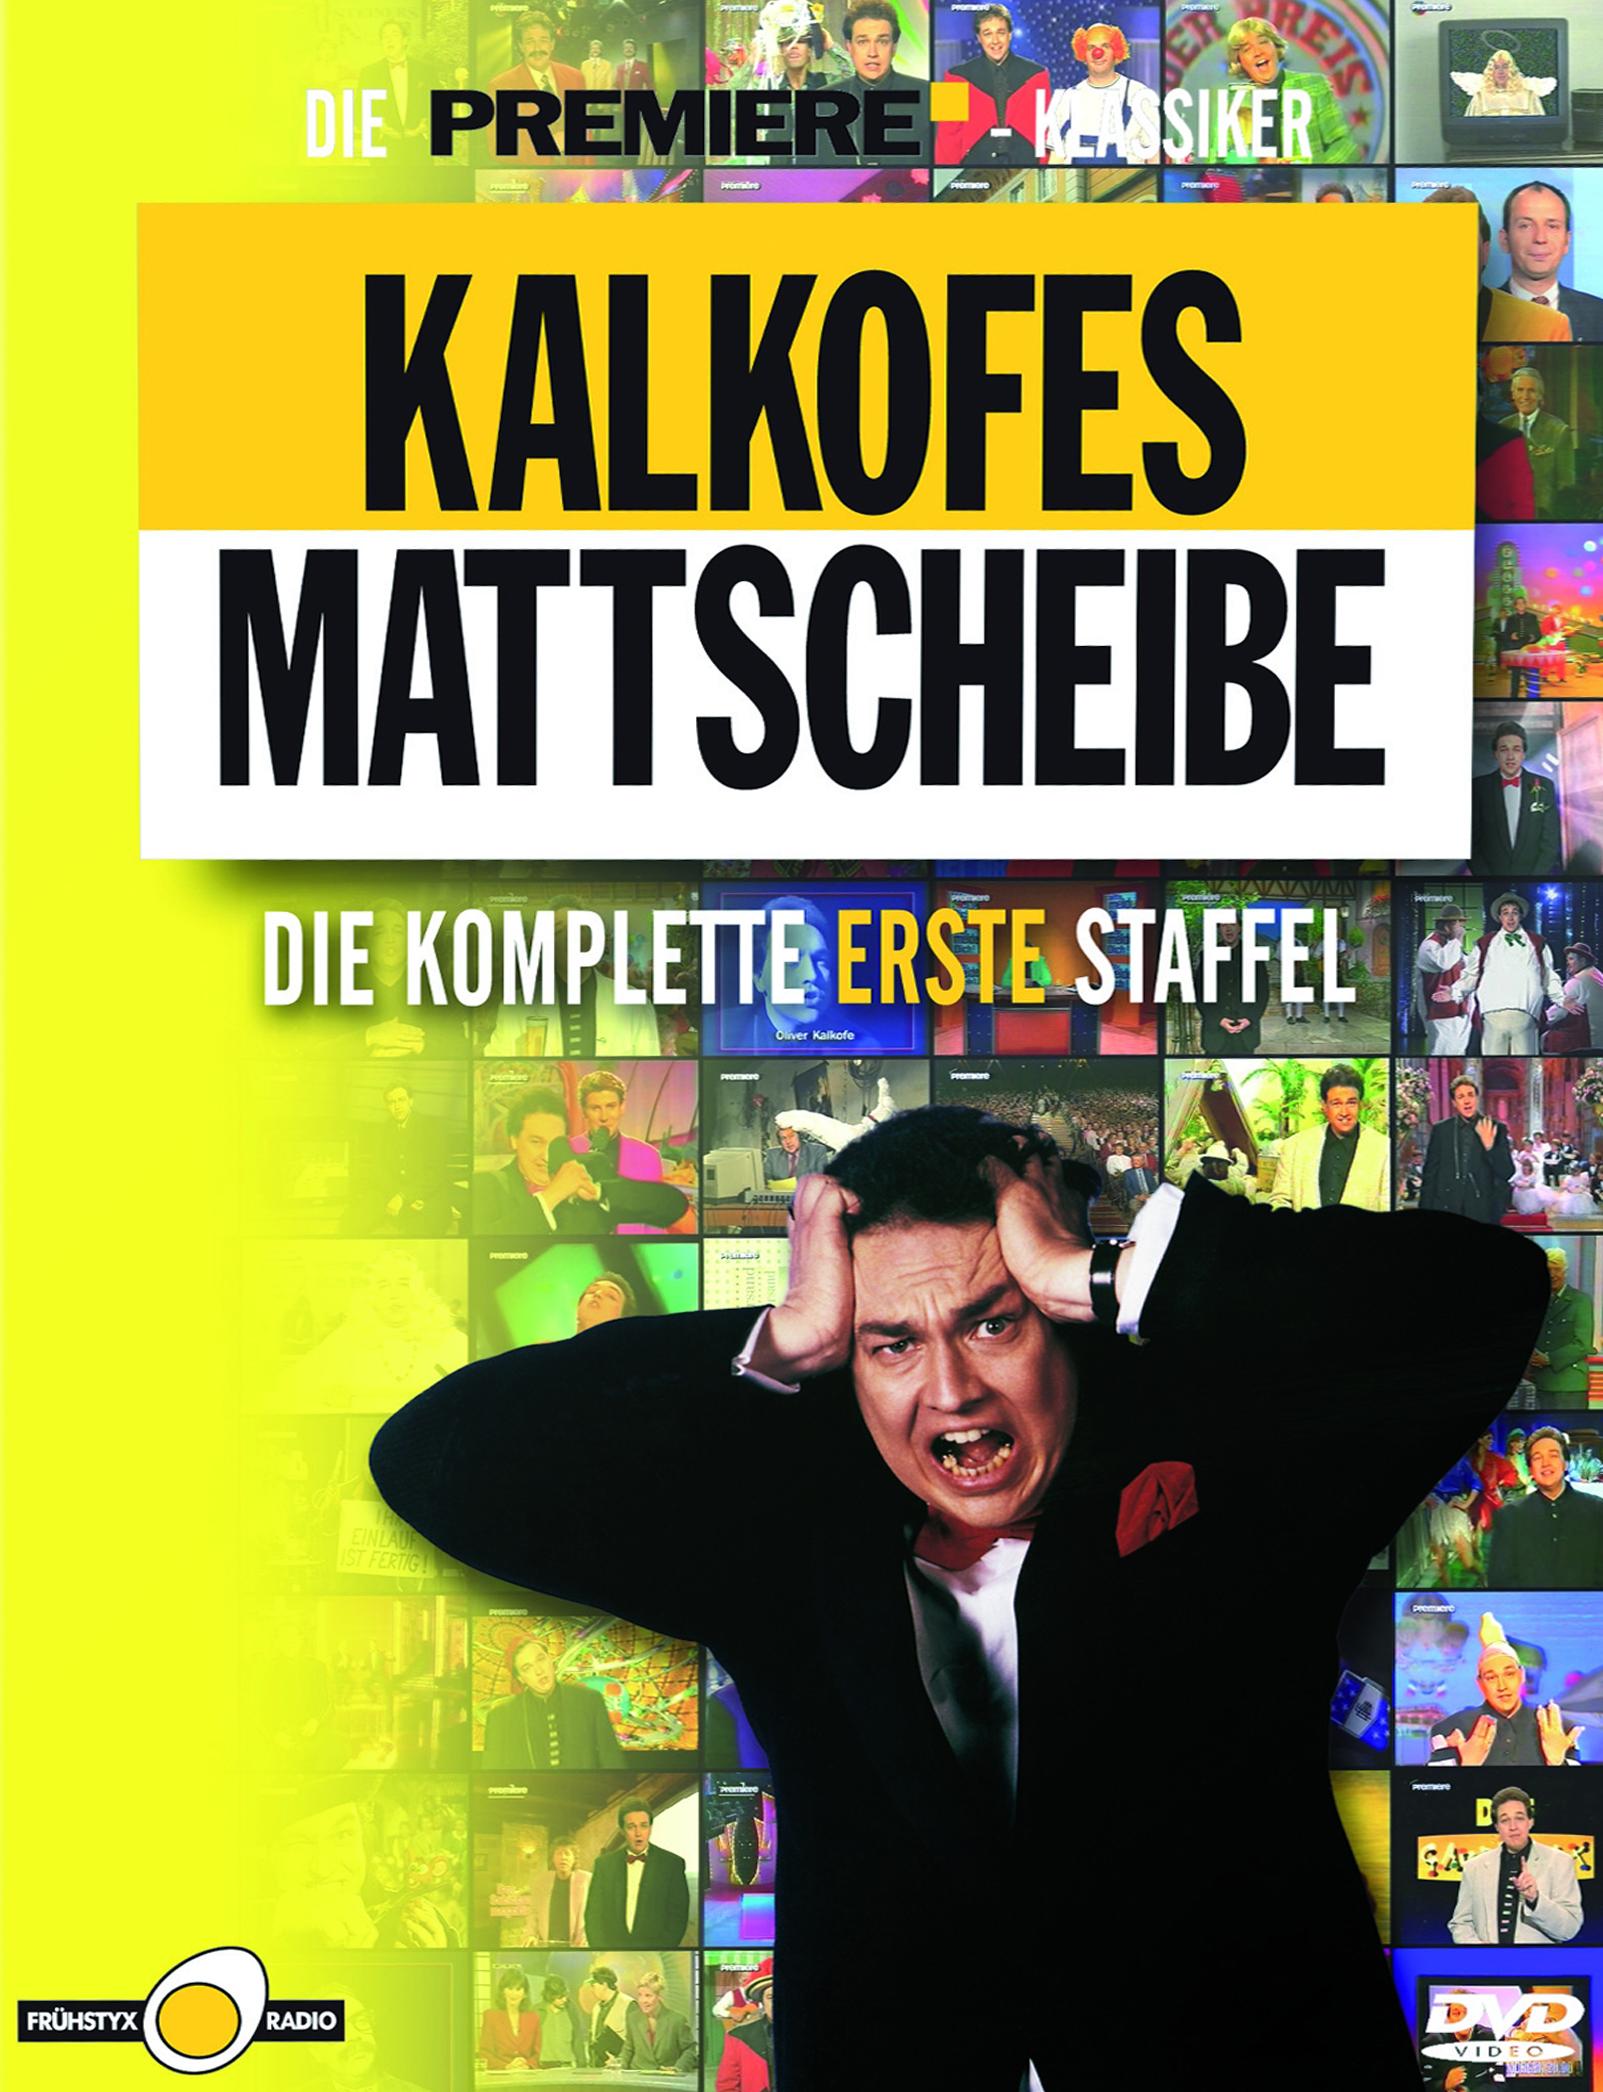 Kalkofes Mattscheibe: Die Premiere Klassiker - Die komplette erste Staffel Poster